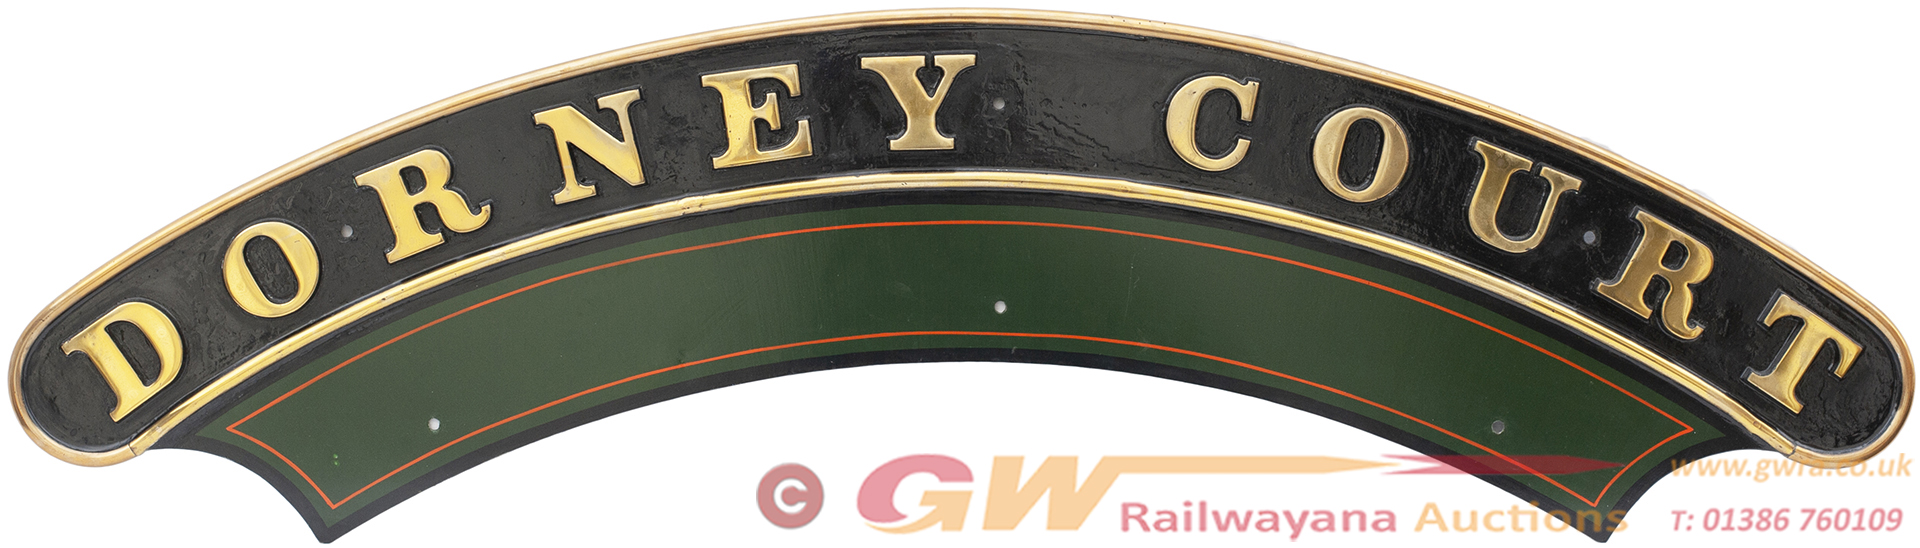 Nameplate DORNEY COURT Ex GWR Churchward Saint